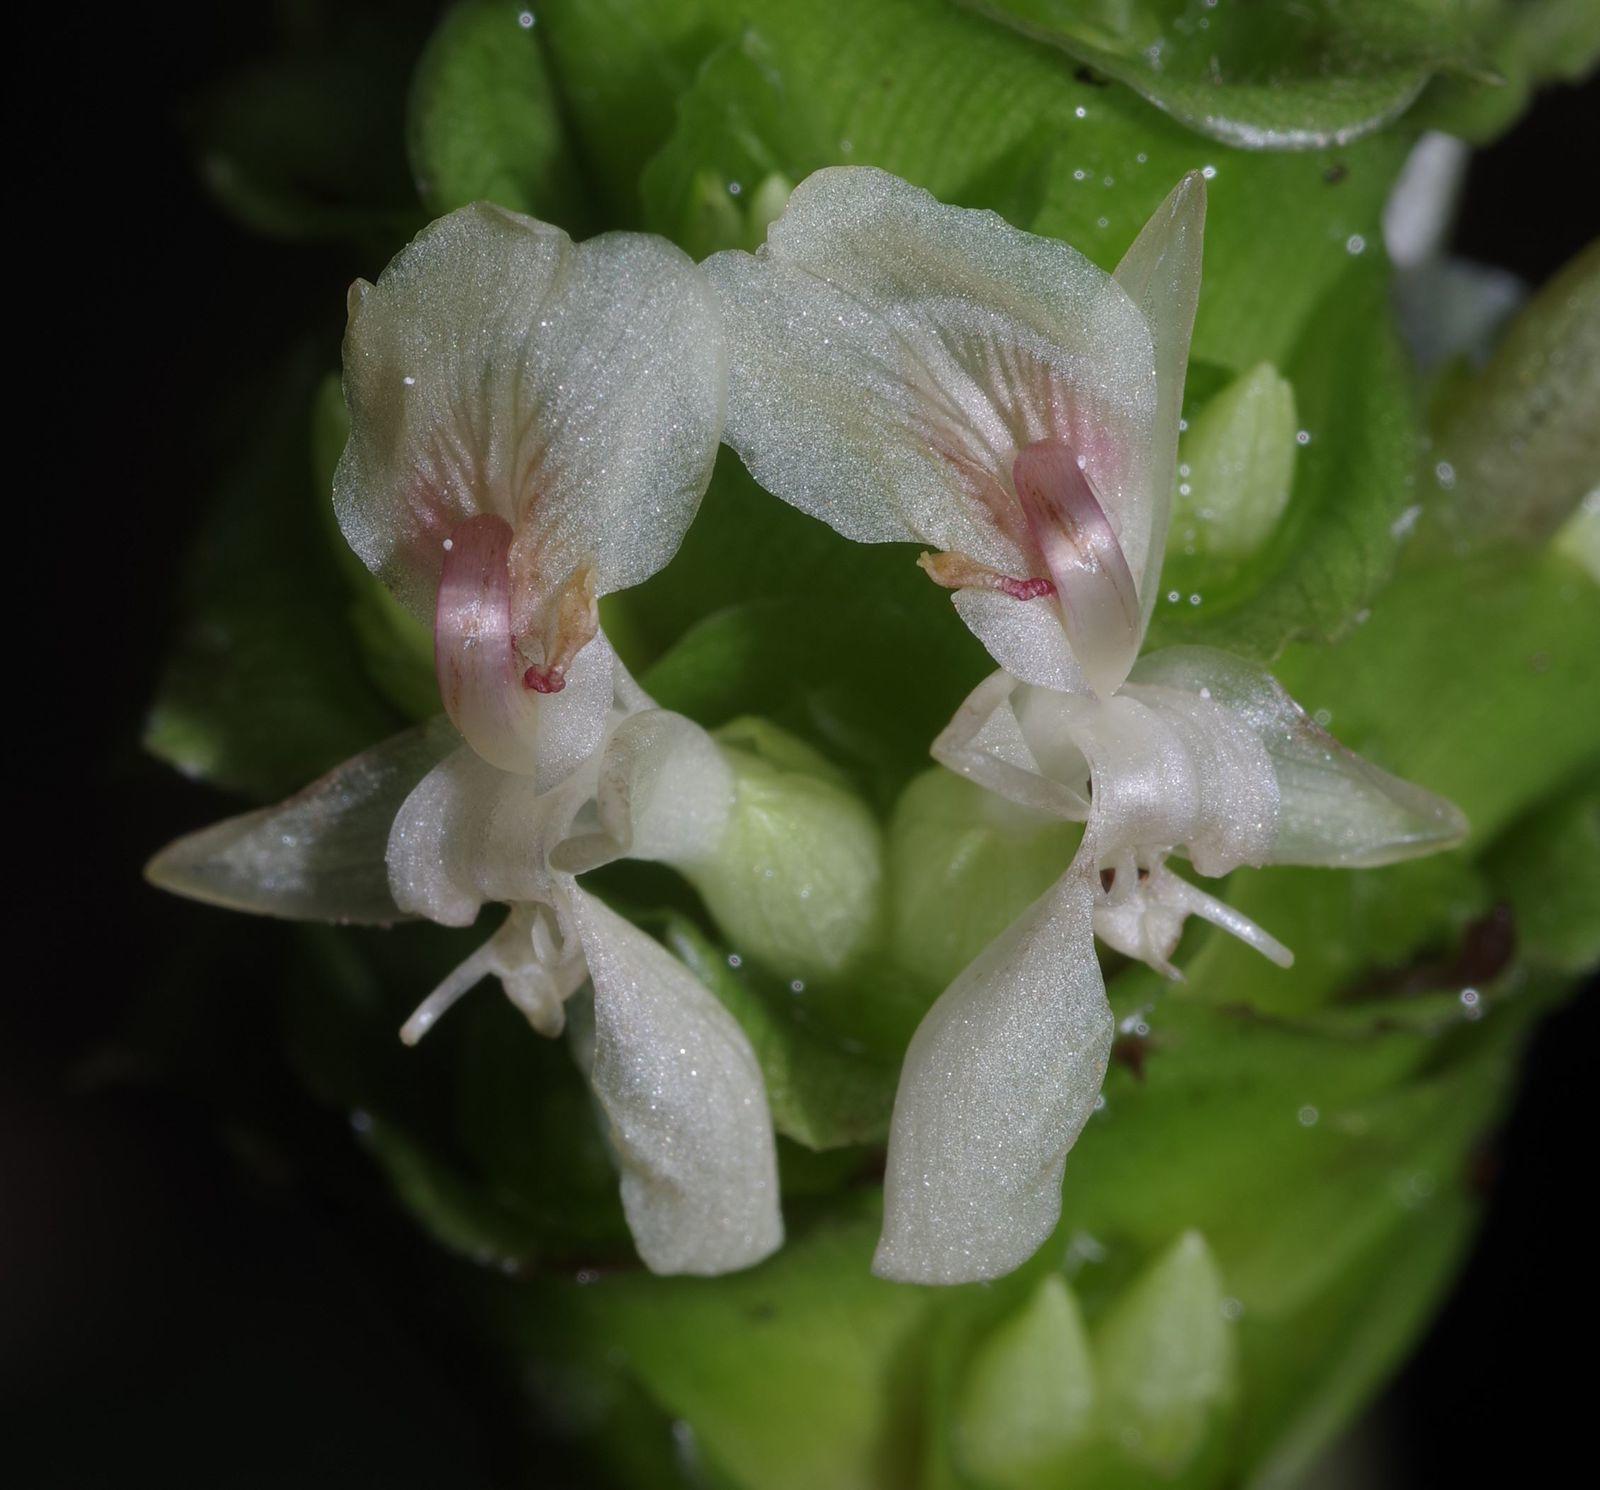 Goeppertia maasiorum